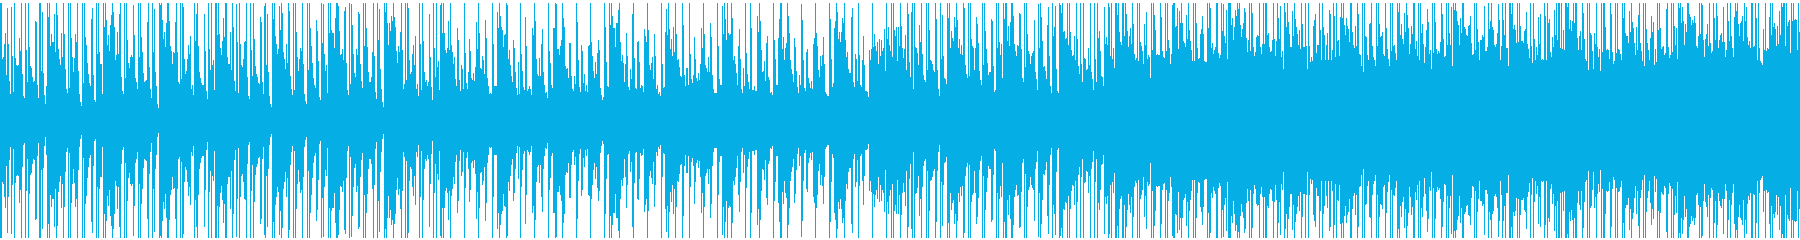 スウィング調のクリスマスのようなBGMの再生済みの波形